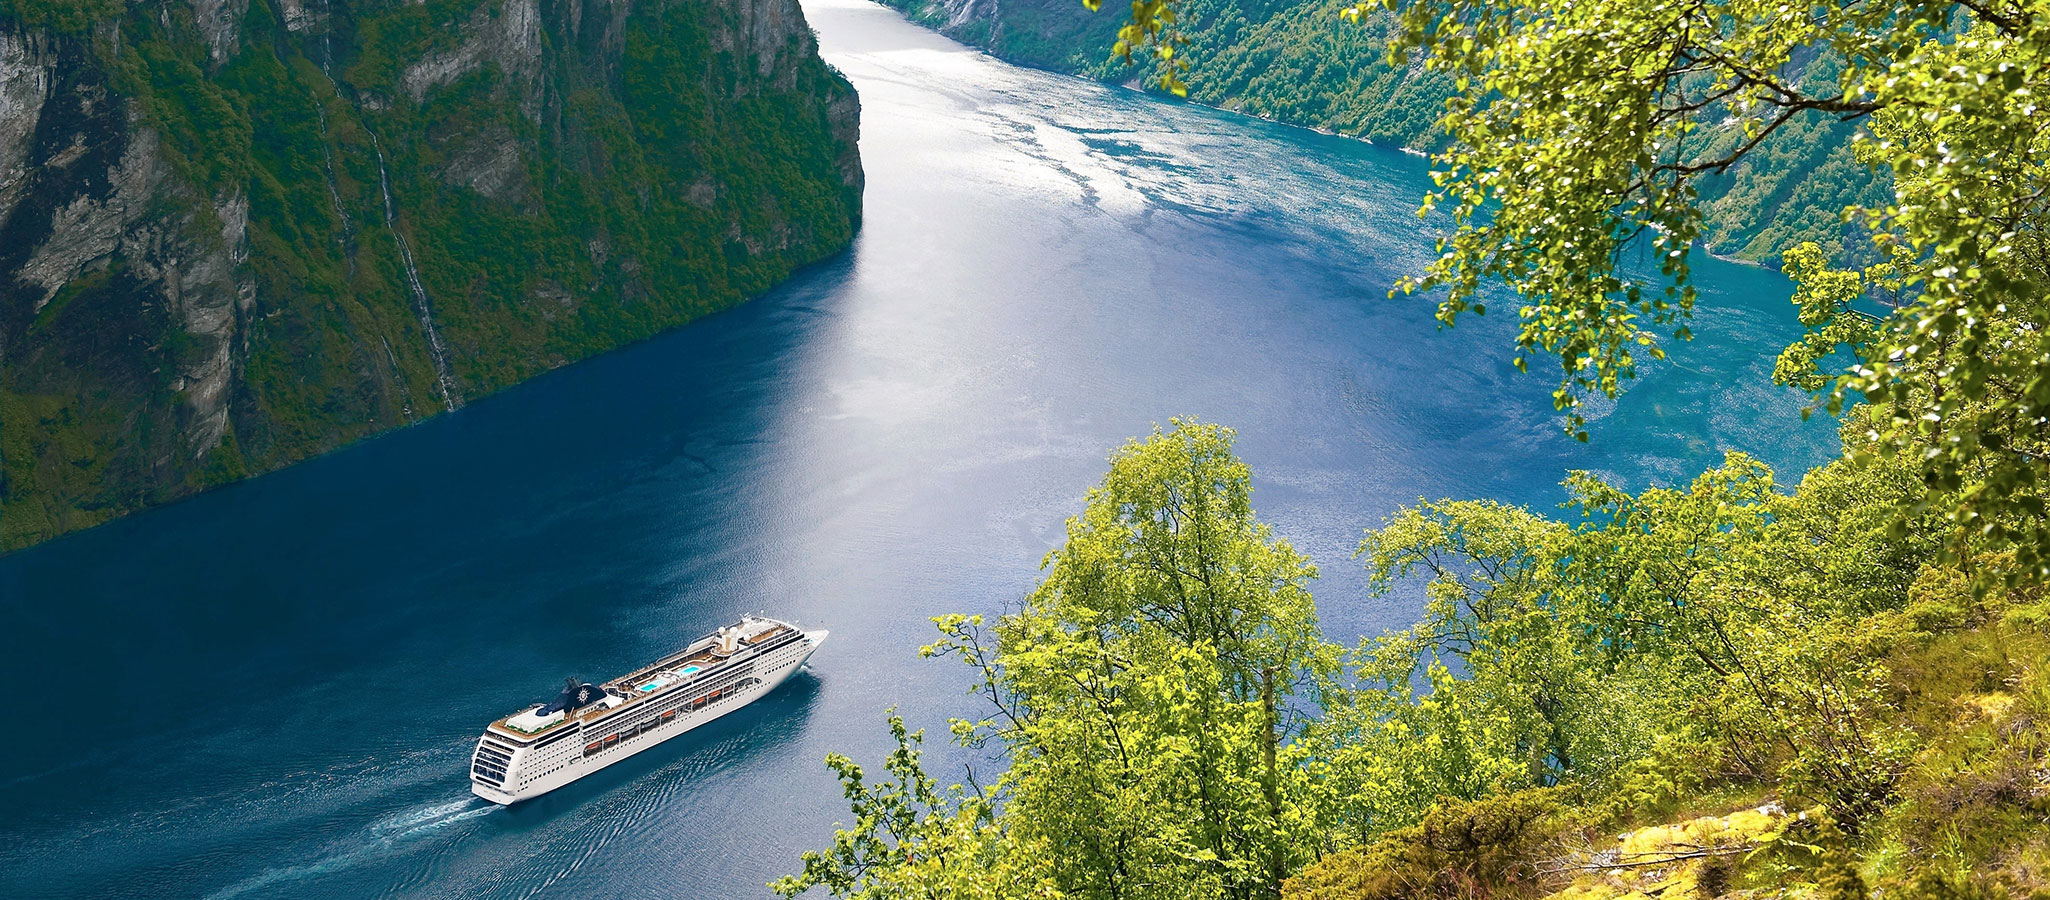 Die Kreuzfahrtliner stehen ganzjährig nahezu weltweit für maritime MICE-Veranstaltungen zur Verfügung.